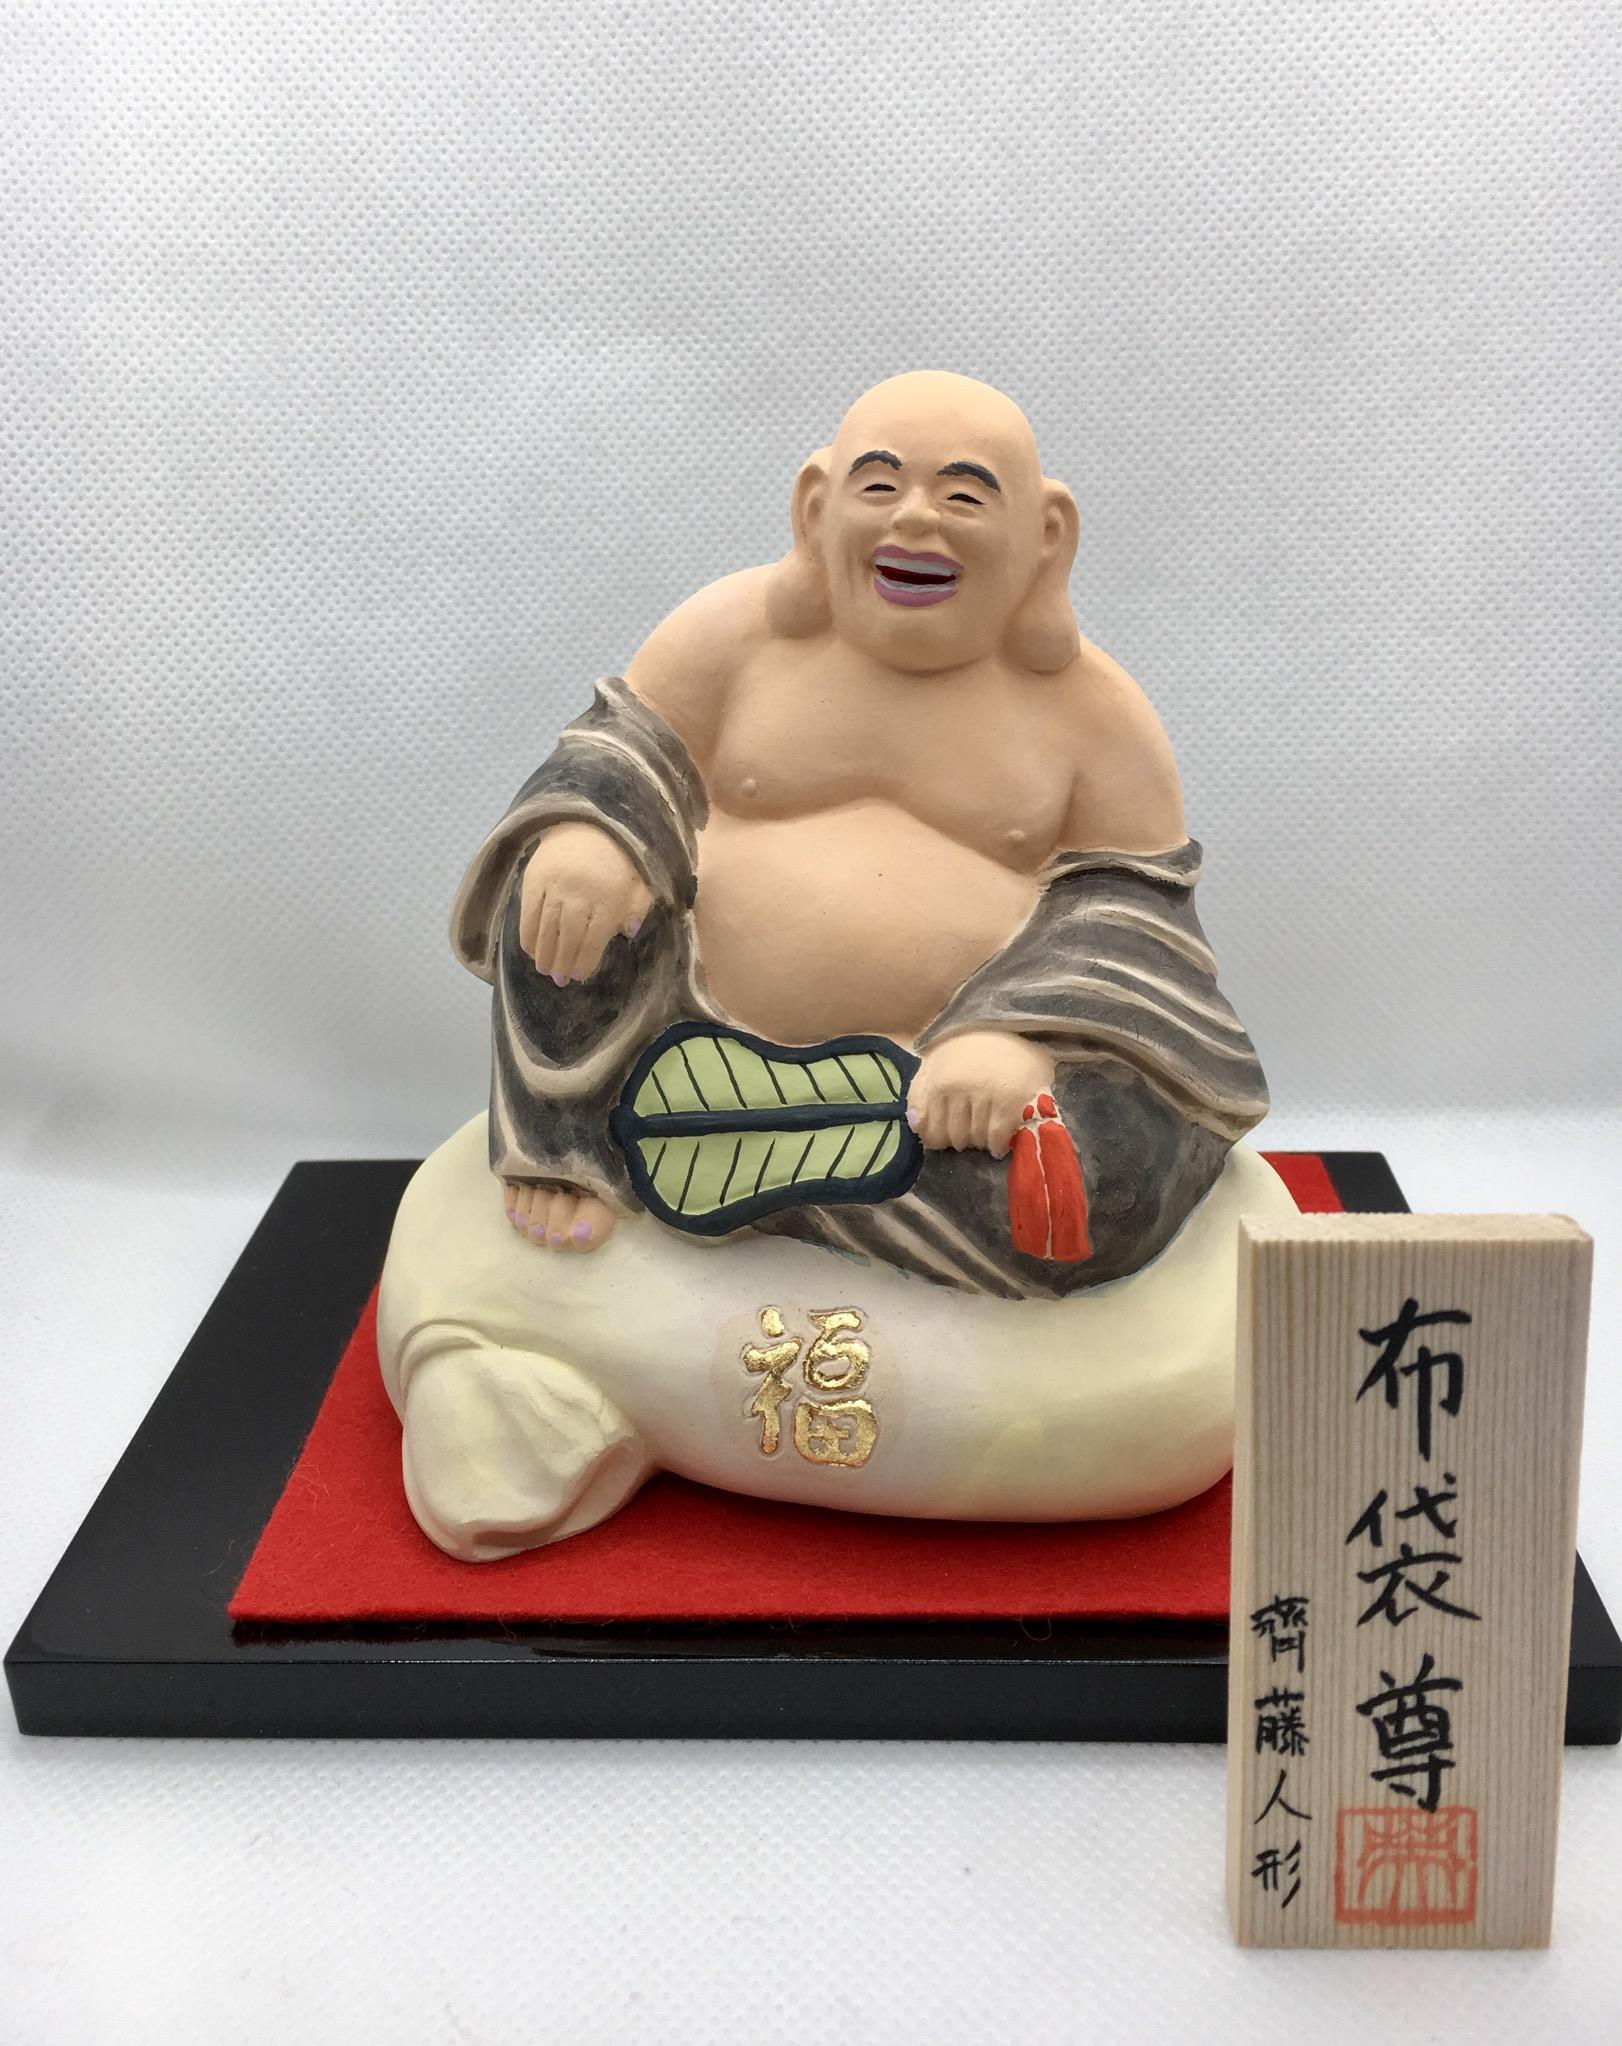 布袋尊は「ほていそん」と読み、七福神の1人として祀られている神様です。ご利益には無病息災や商売繁盛などがあるとされています。この布袋尊は、実際にいた僧侶がモデルとなっている珍しいケースとしても有名です。亡くなってからも多く目撃されたり、僧侶がいた場所だけ雪が積もらなかったりと、さまざまな逸話を残していることを受けて、崇拝されるようになりました。